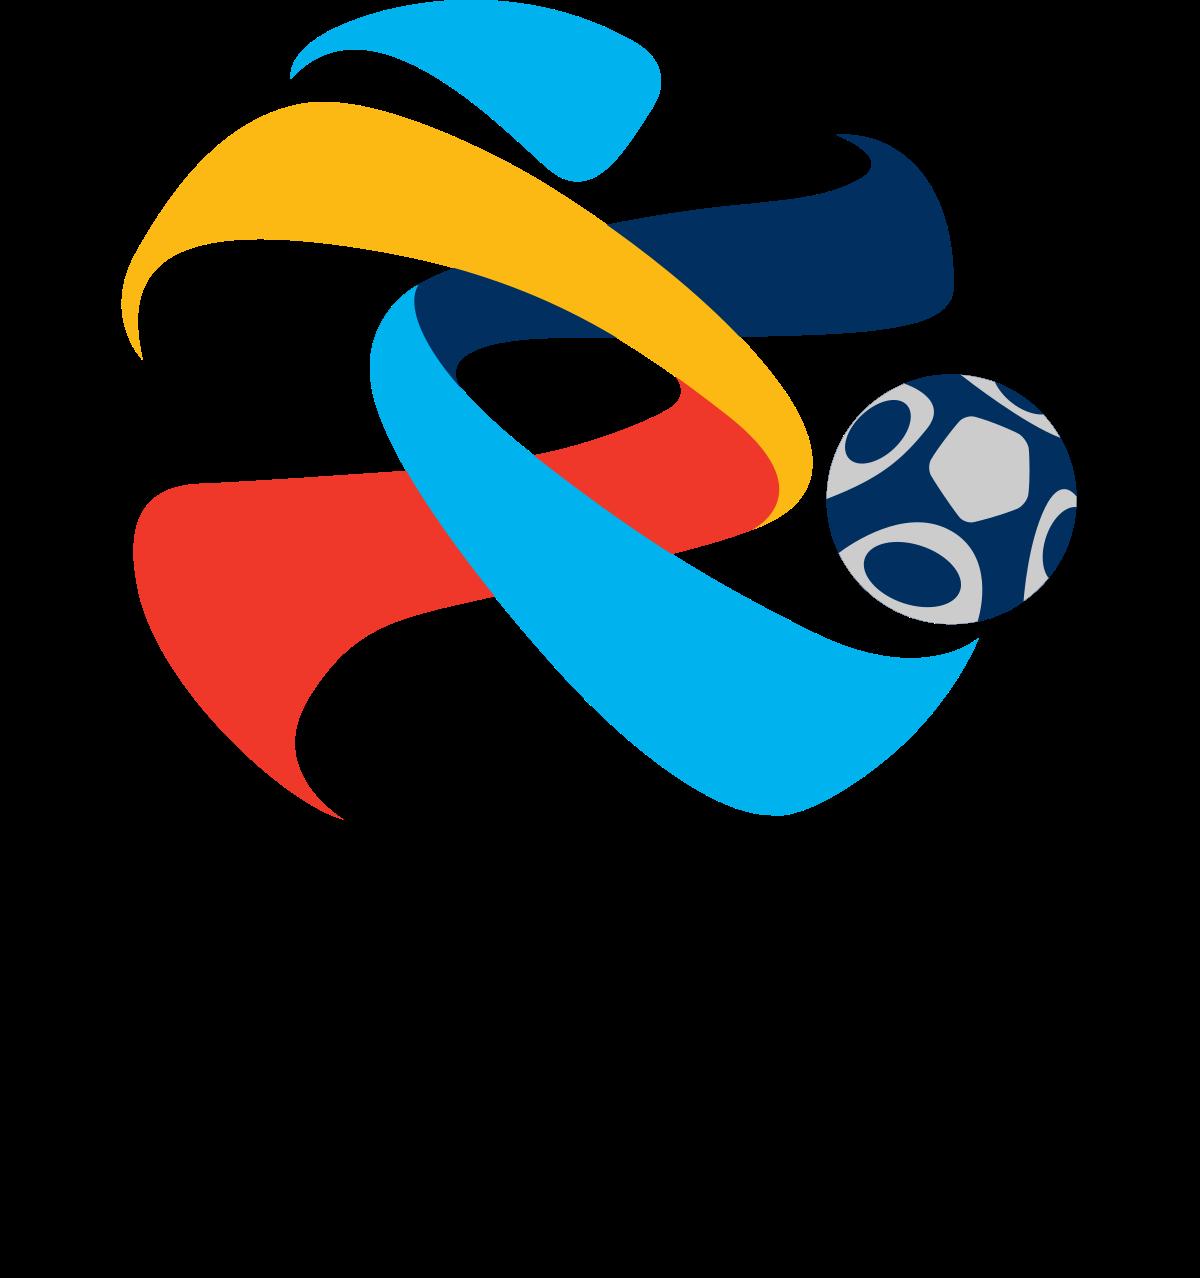 Afc Champions League PNG-PlusPNG.com-1200 - Afc Champions League PNG